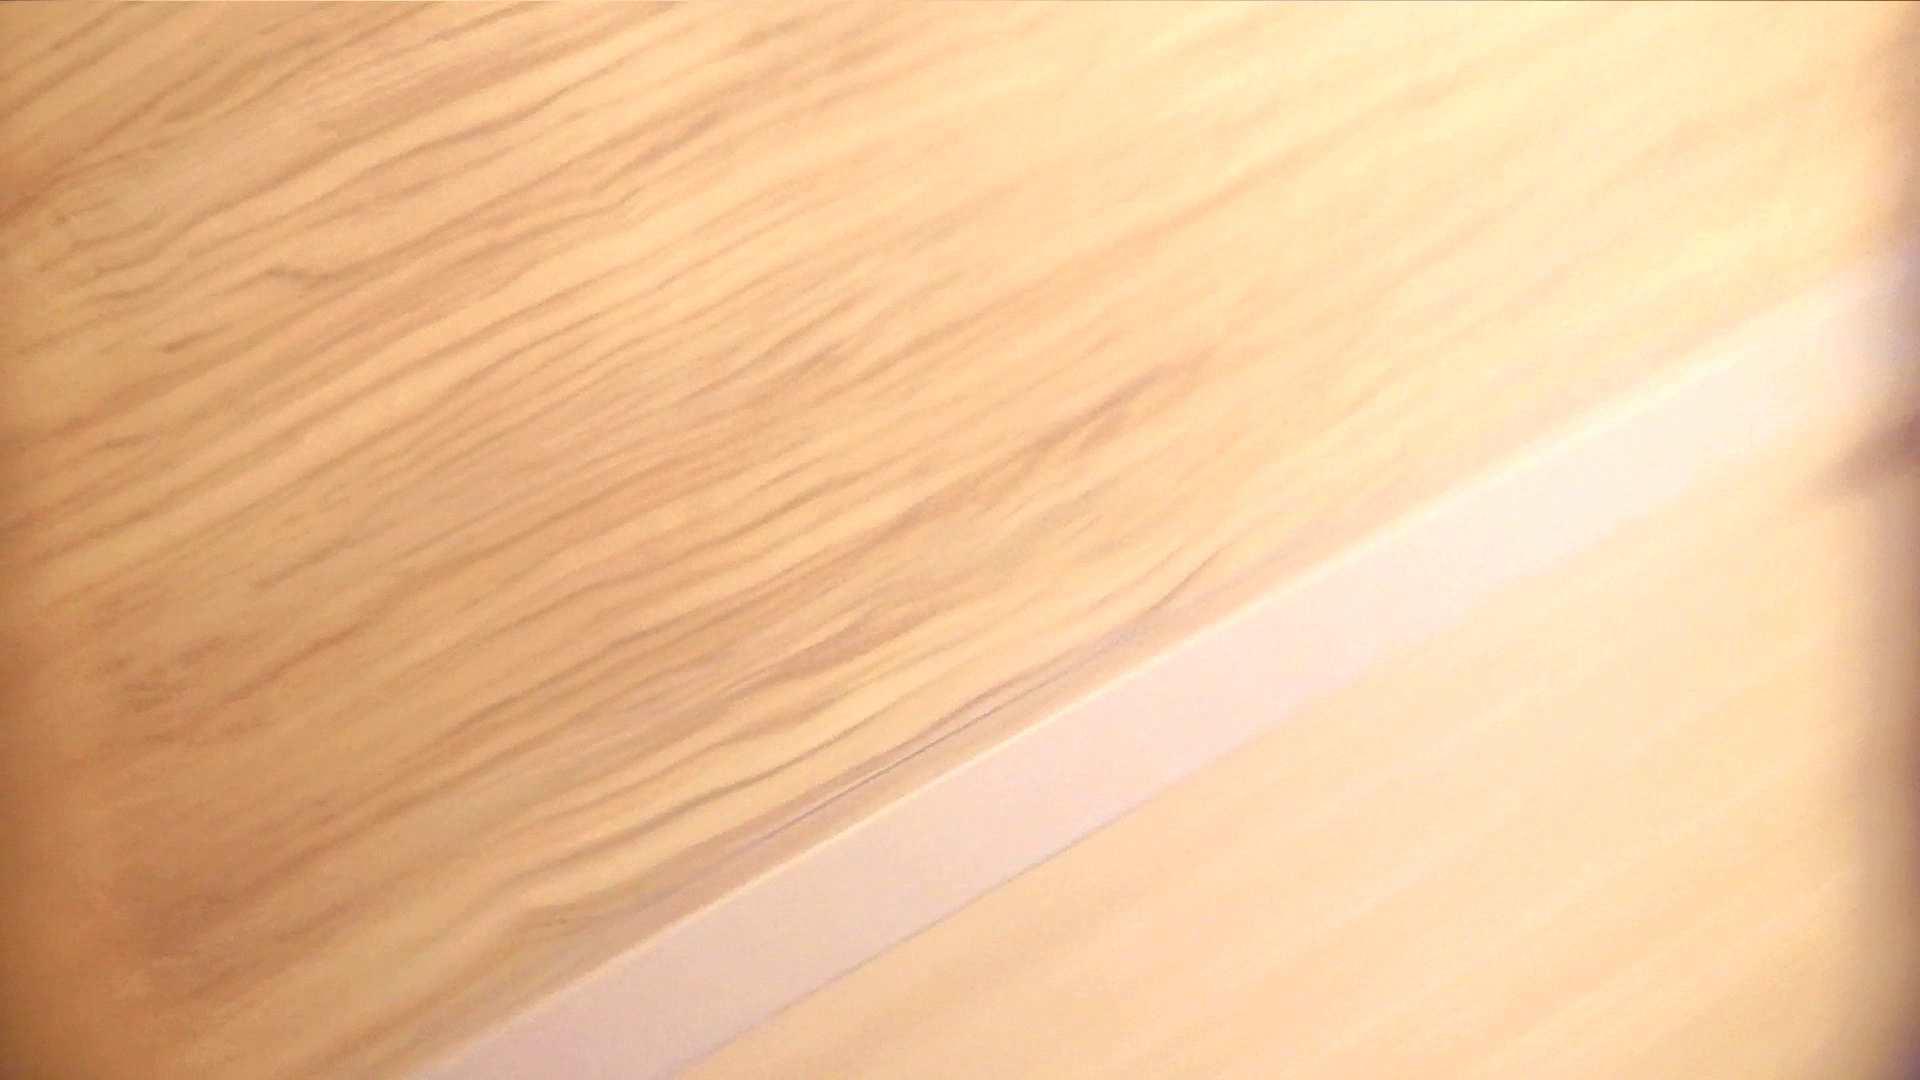 阿国ちゃんの「和式洋式七変化」No.4 和式・女子用 | 洗面所シーン 盗撮 31画像 7